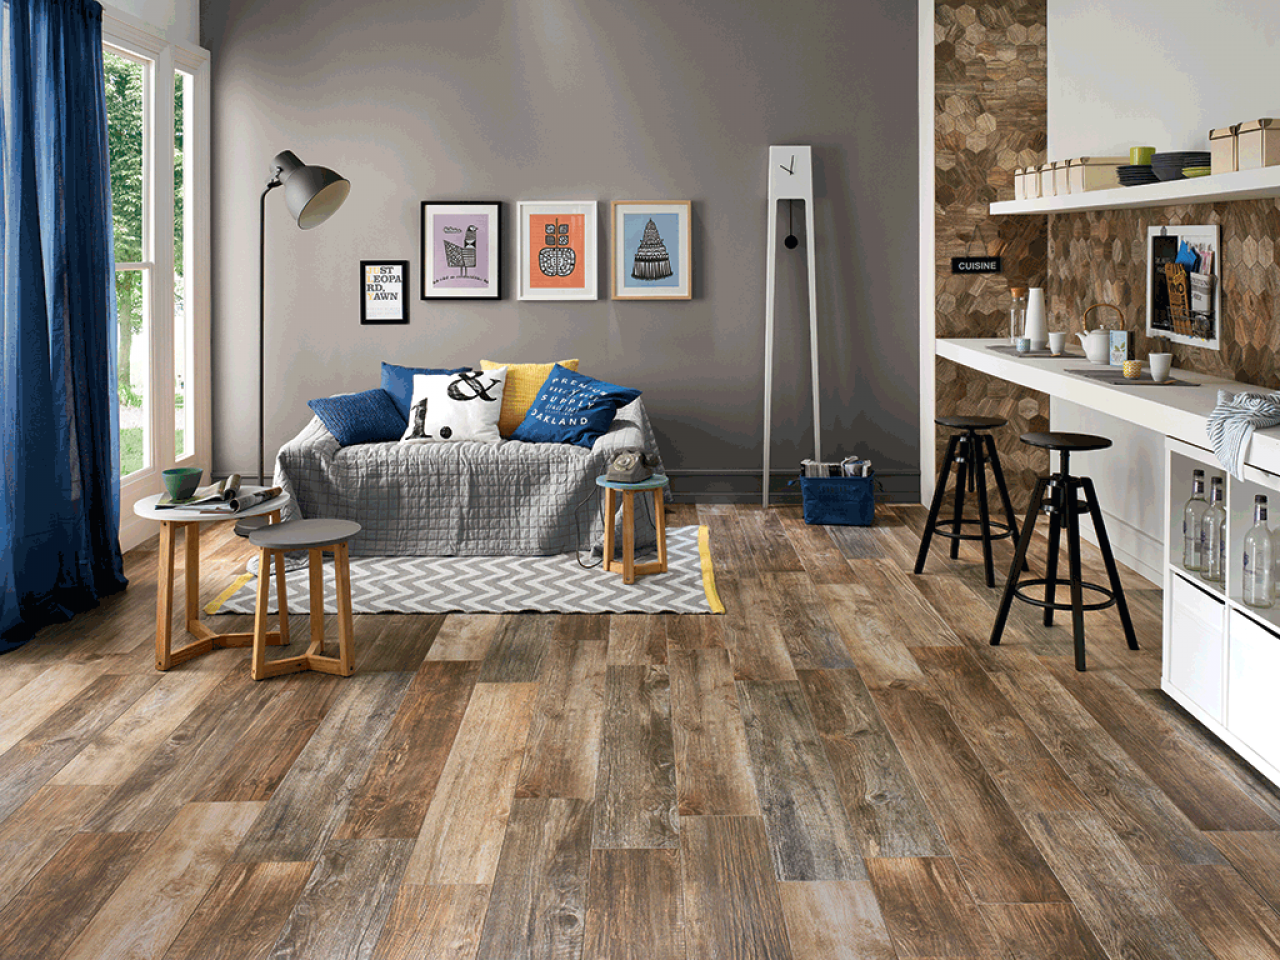 Mattonelle Simil Parquet Prezzi gres effetto legno - tutte le tipologie nel negozio di